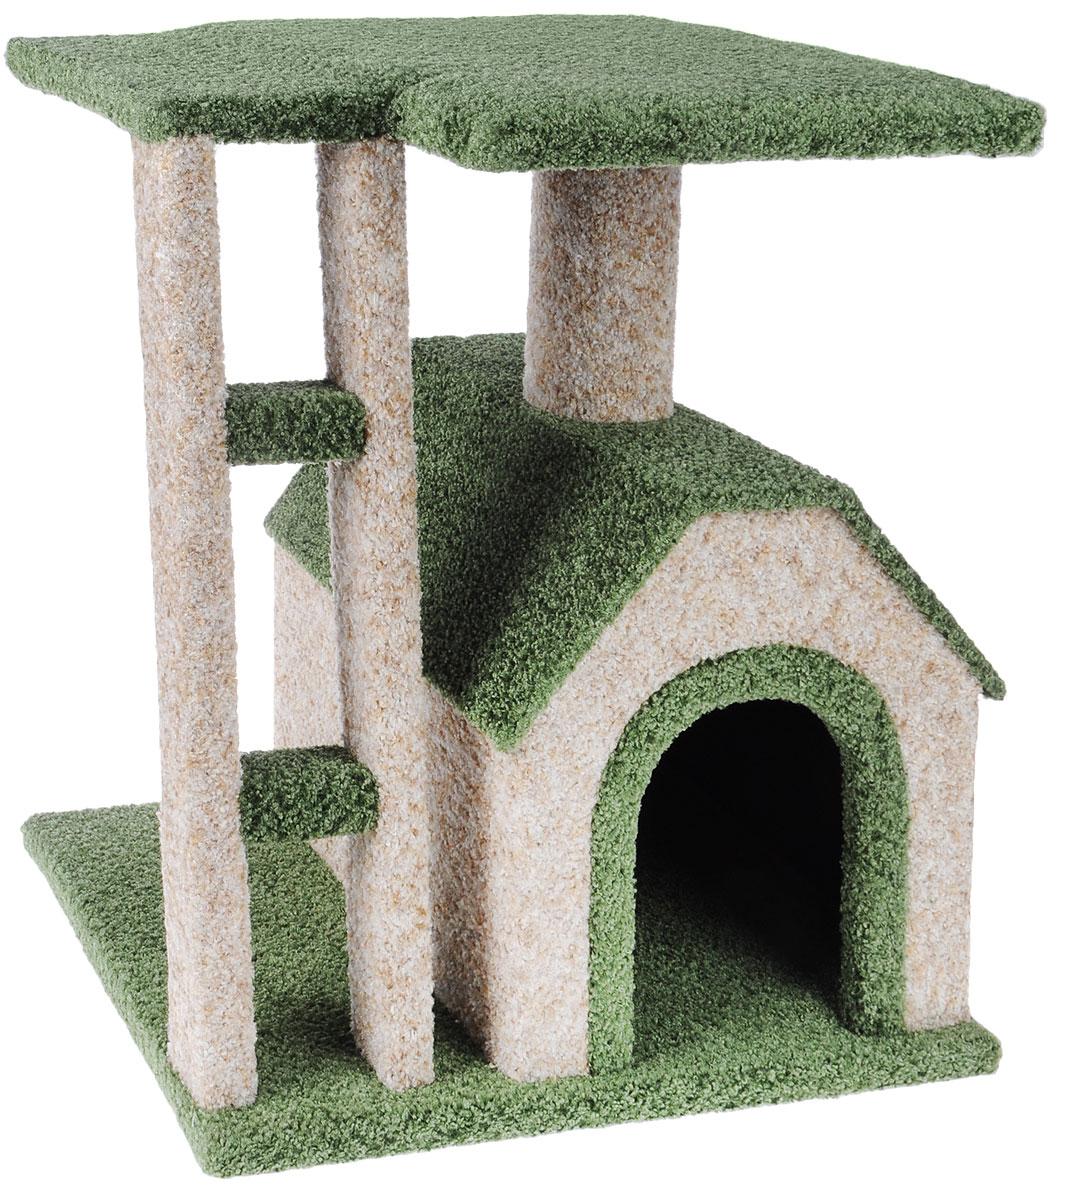 Игровой комплекс для кошек Грызлик Ам  Клайд , цвет: бежевый, зеленый, 50 x 38 x 52 см - Когтеточки и игровые комплексы